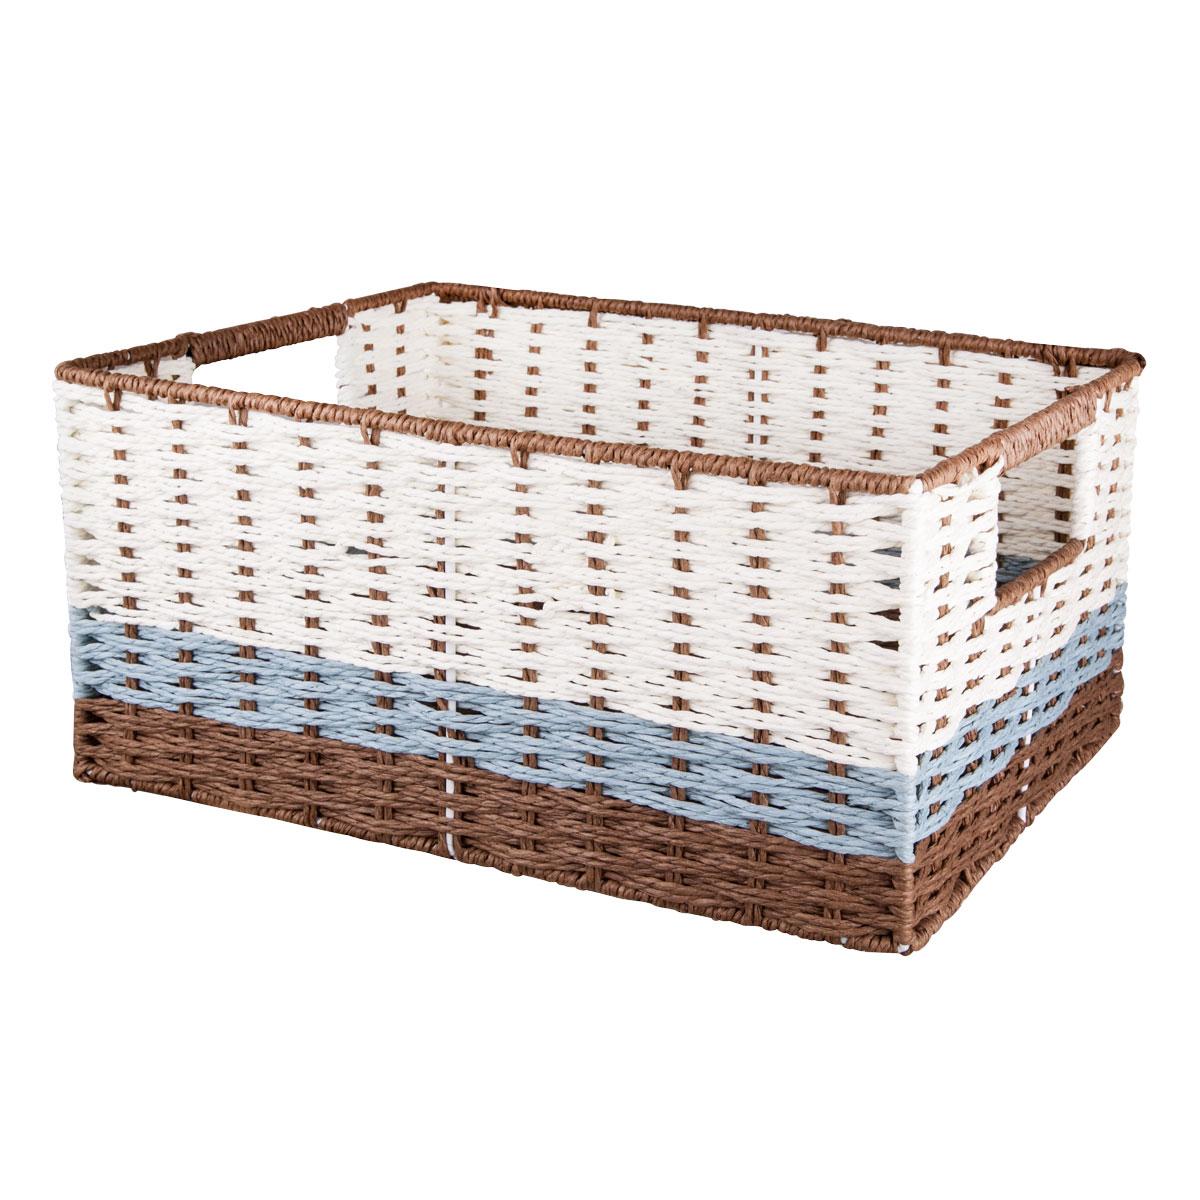 Корзина для хранения Miolla, с ручками, без крышки, 45 х 33 х 21 см. BSK6-LBSK6-LЛучшее решение для хранения вещей - корзина для хранения Miolla. Экономьте полезное пространство своего дома, уберите ненужные вещи в удобную корзину и используйте ее для хранения дорогих сердцу вещей, которые нужно сберечь в целости и сохранности.